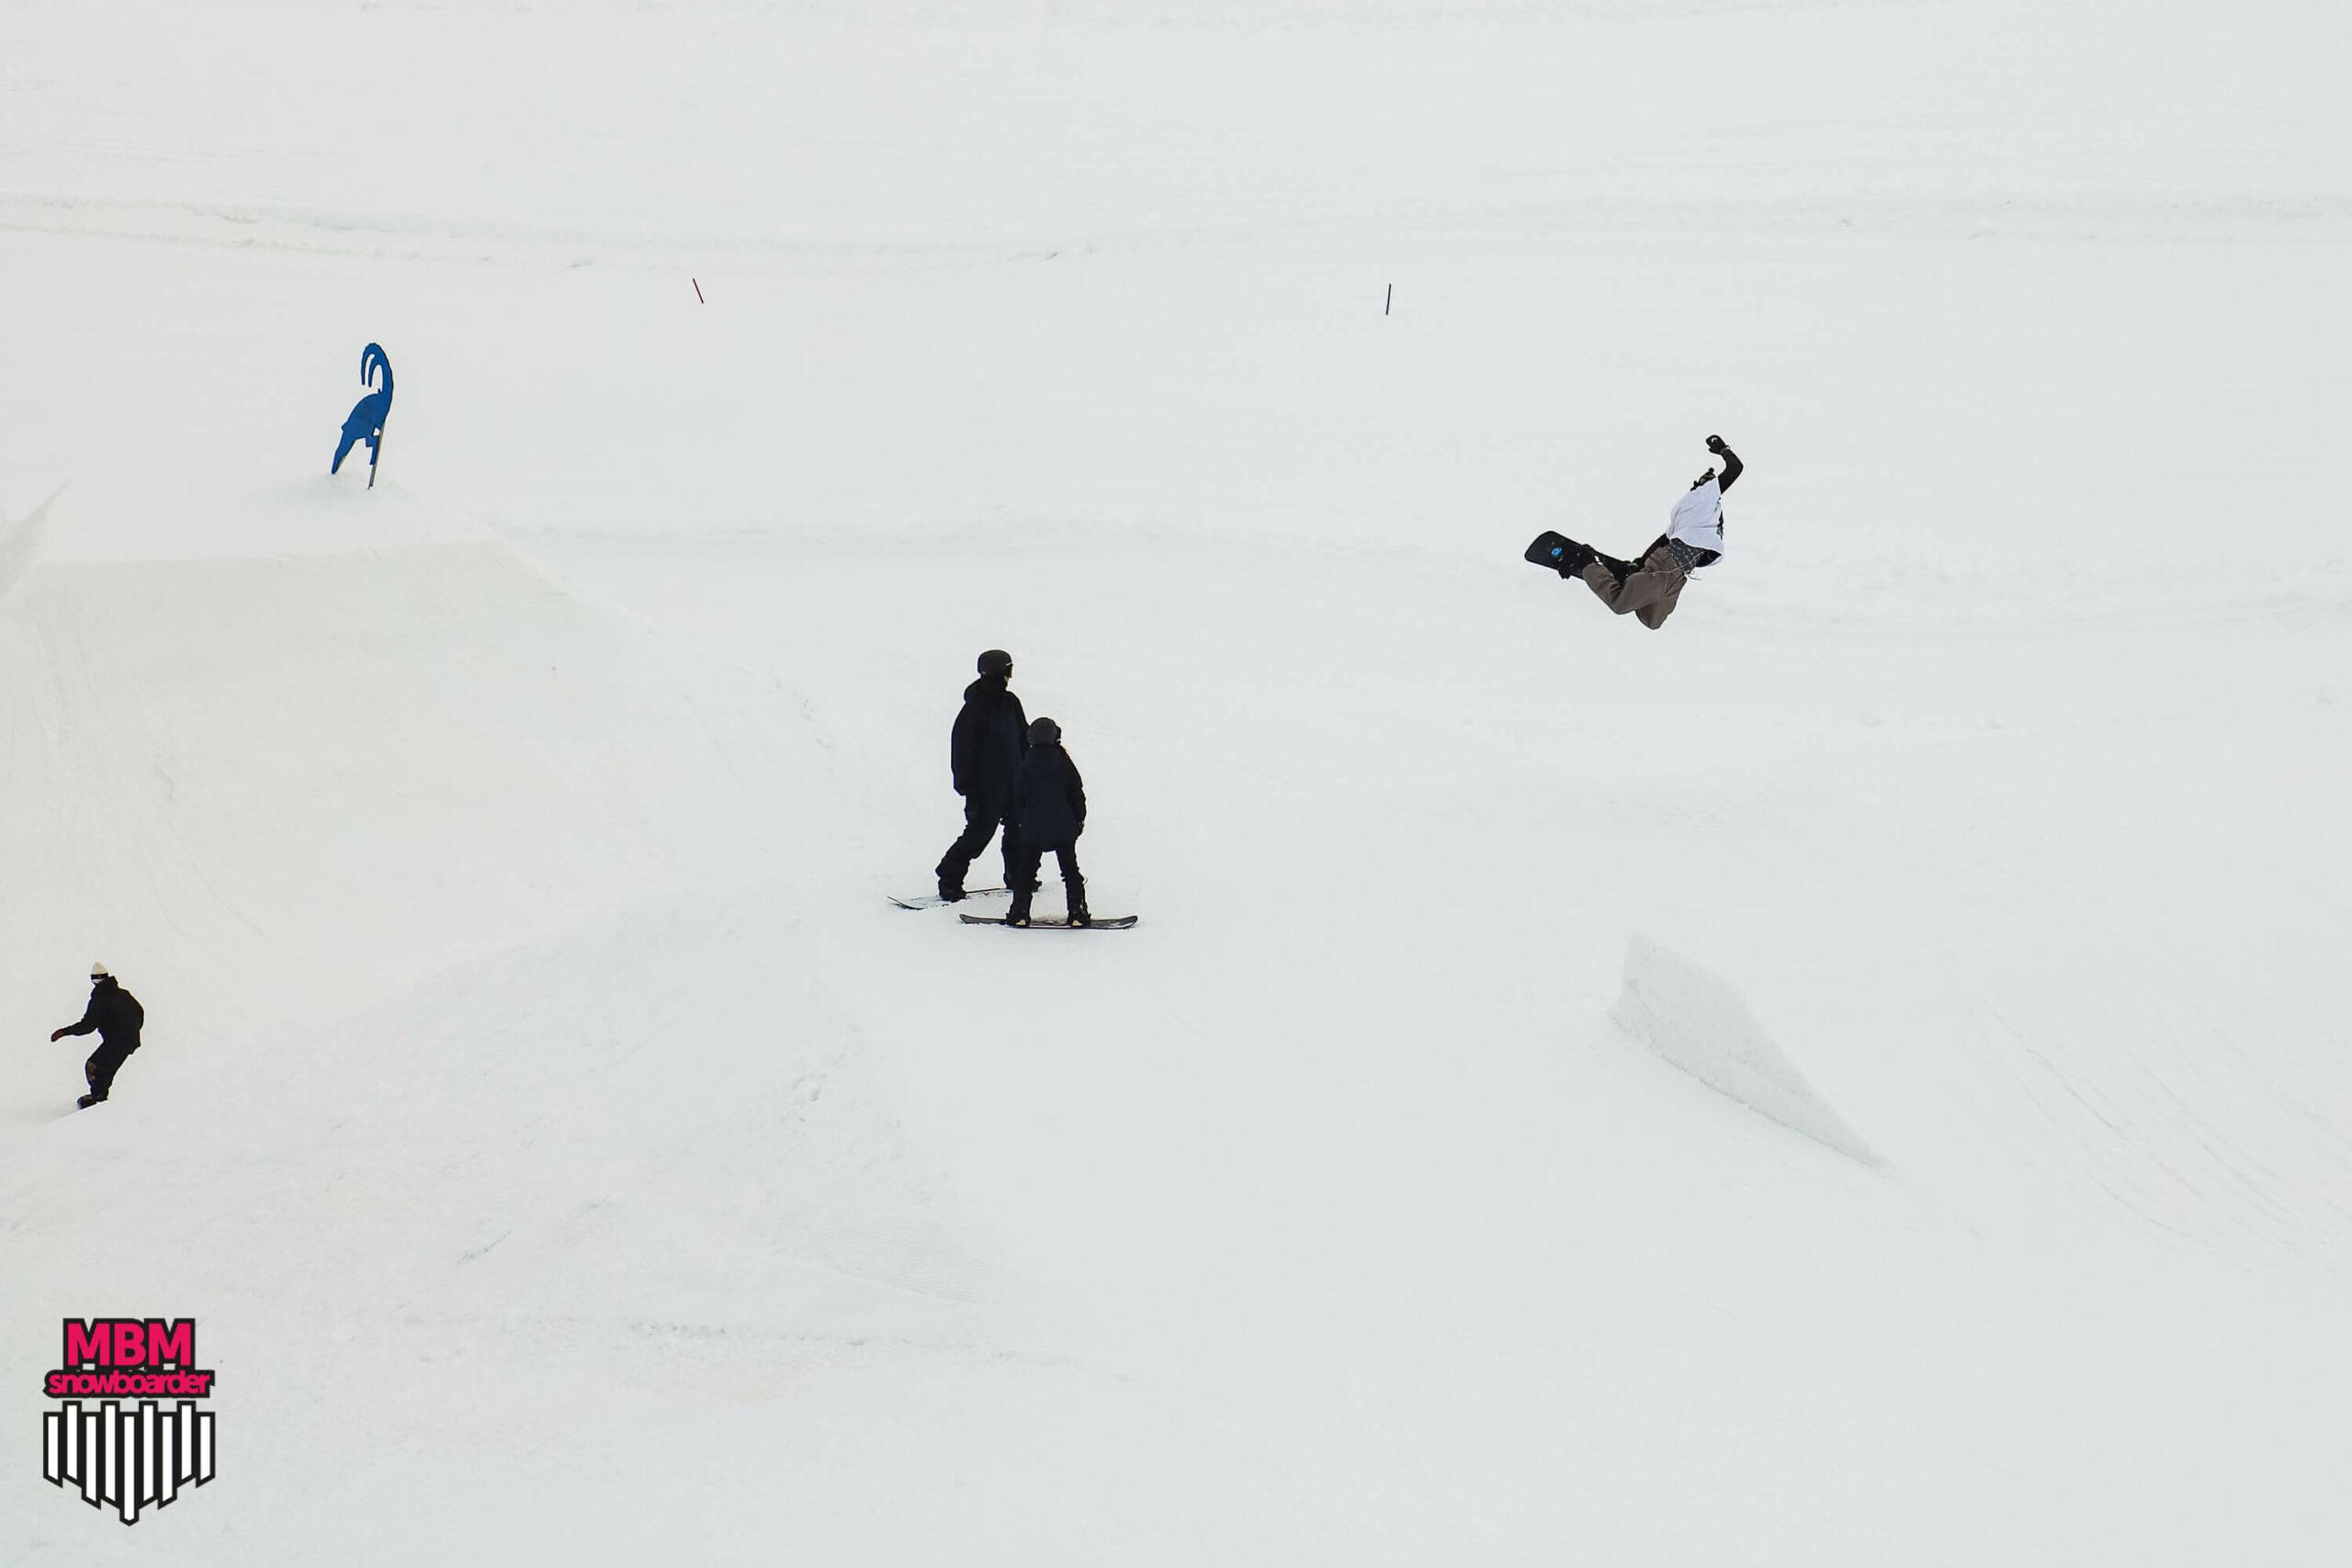 snowboarderMBM_sd_kaunertal_074